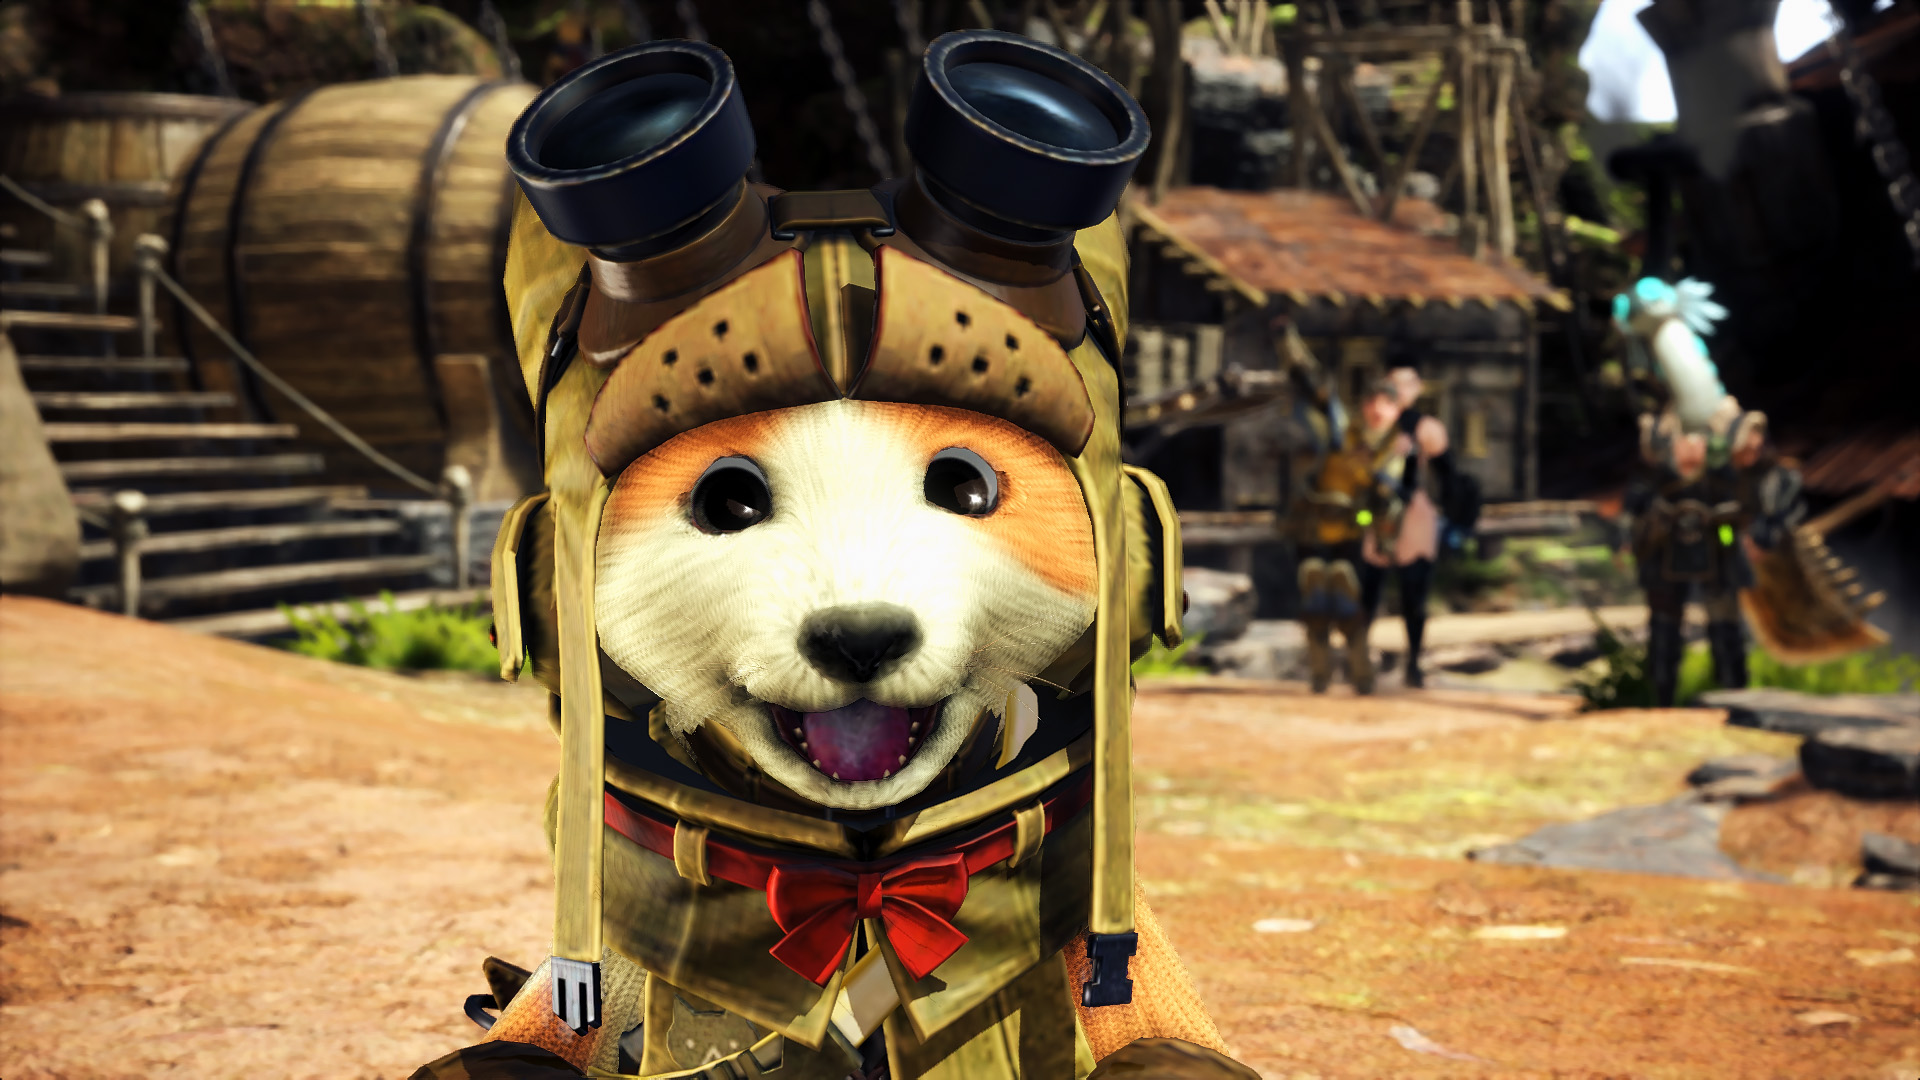 愛狗人士必備 《魔物獵人:世界》艾露貓變萌狗MOD